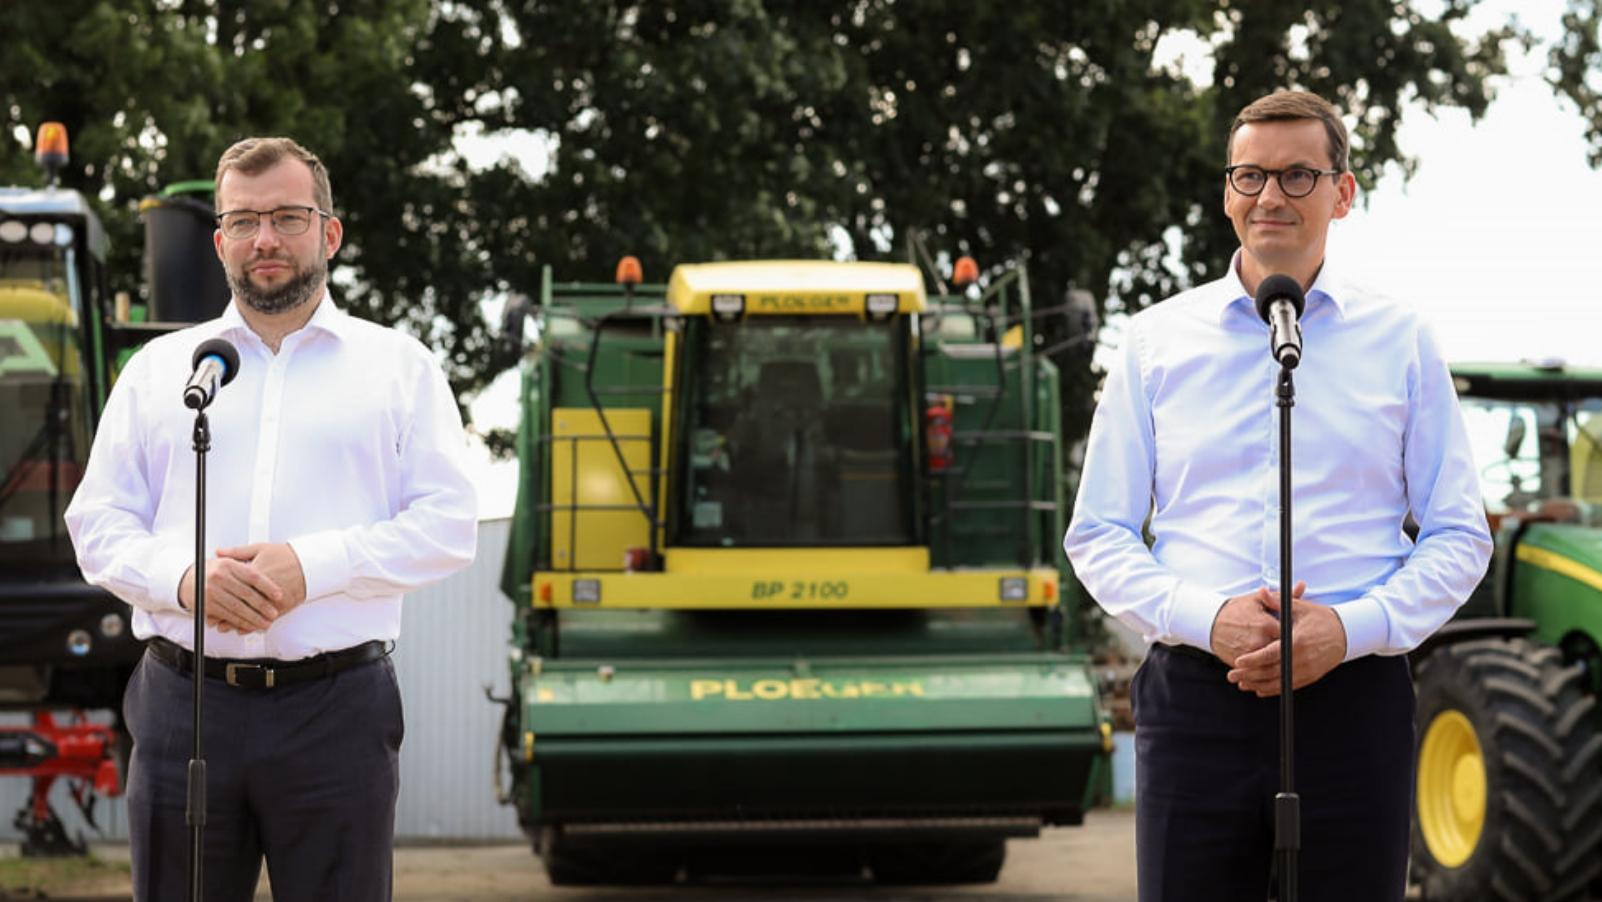 Morawiecki na wsi. Wypożyczono traktory na wizytę premiera, aby pokazać dobrobyt rolników